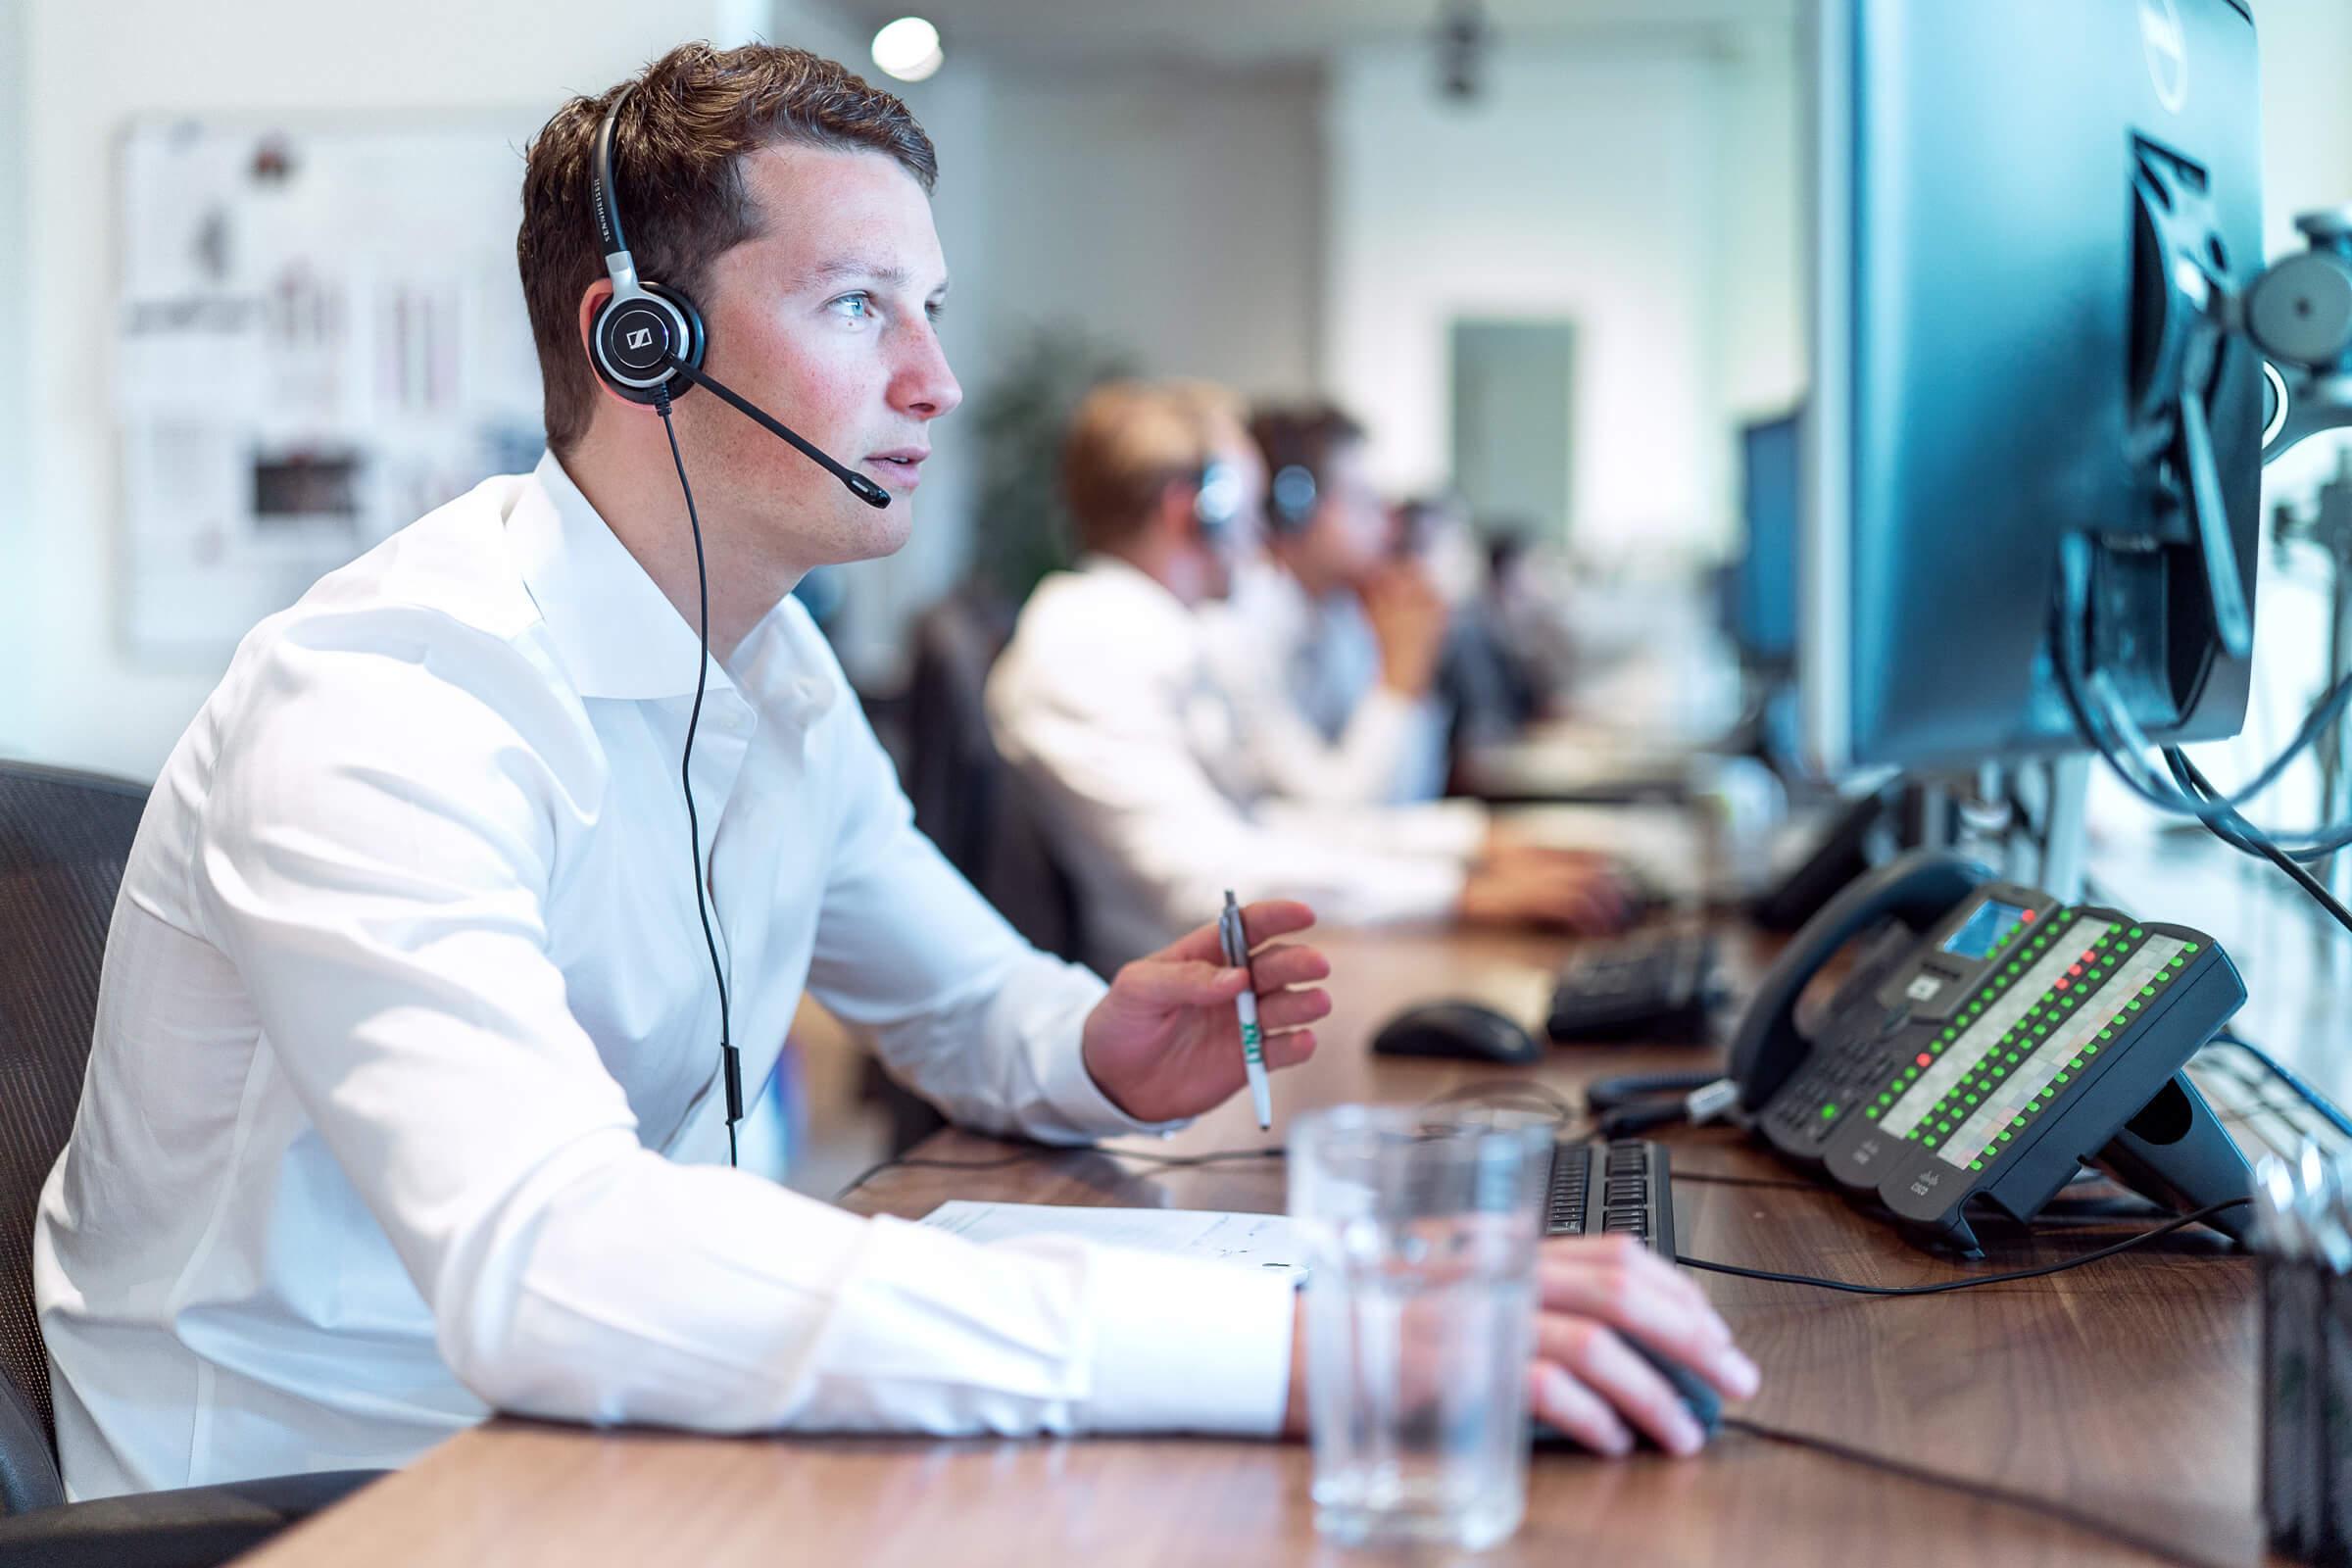 Przeszkolony pracownik brokera internetowego LYNX doradza klientowi w ustawieniu platformy transakcyjnej